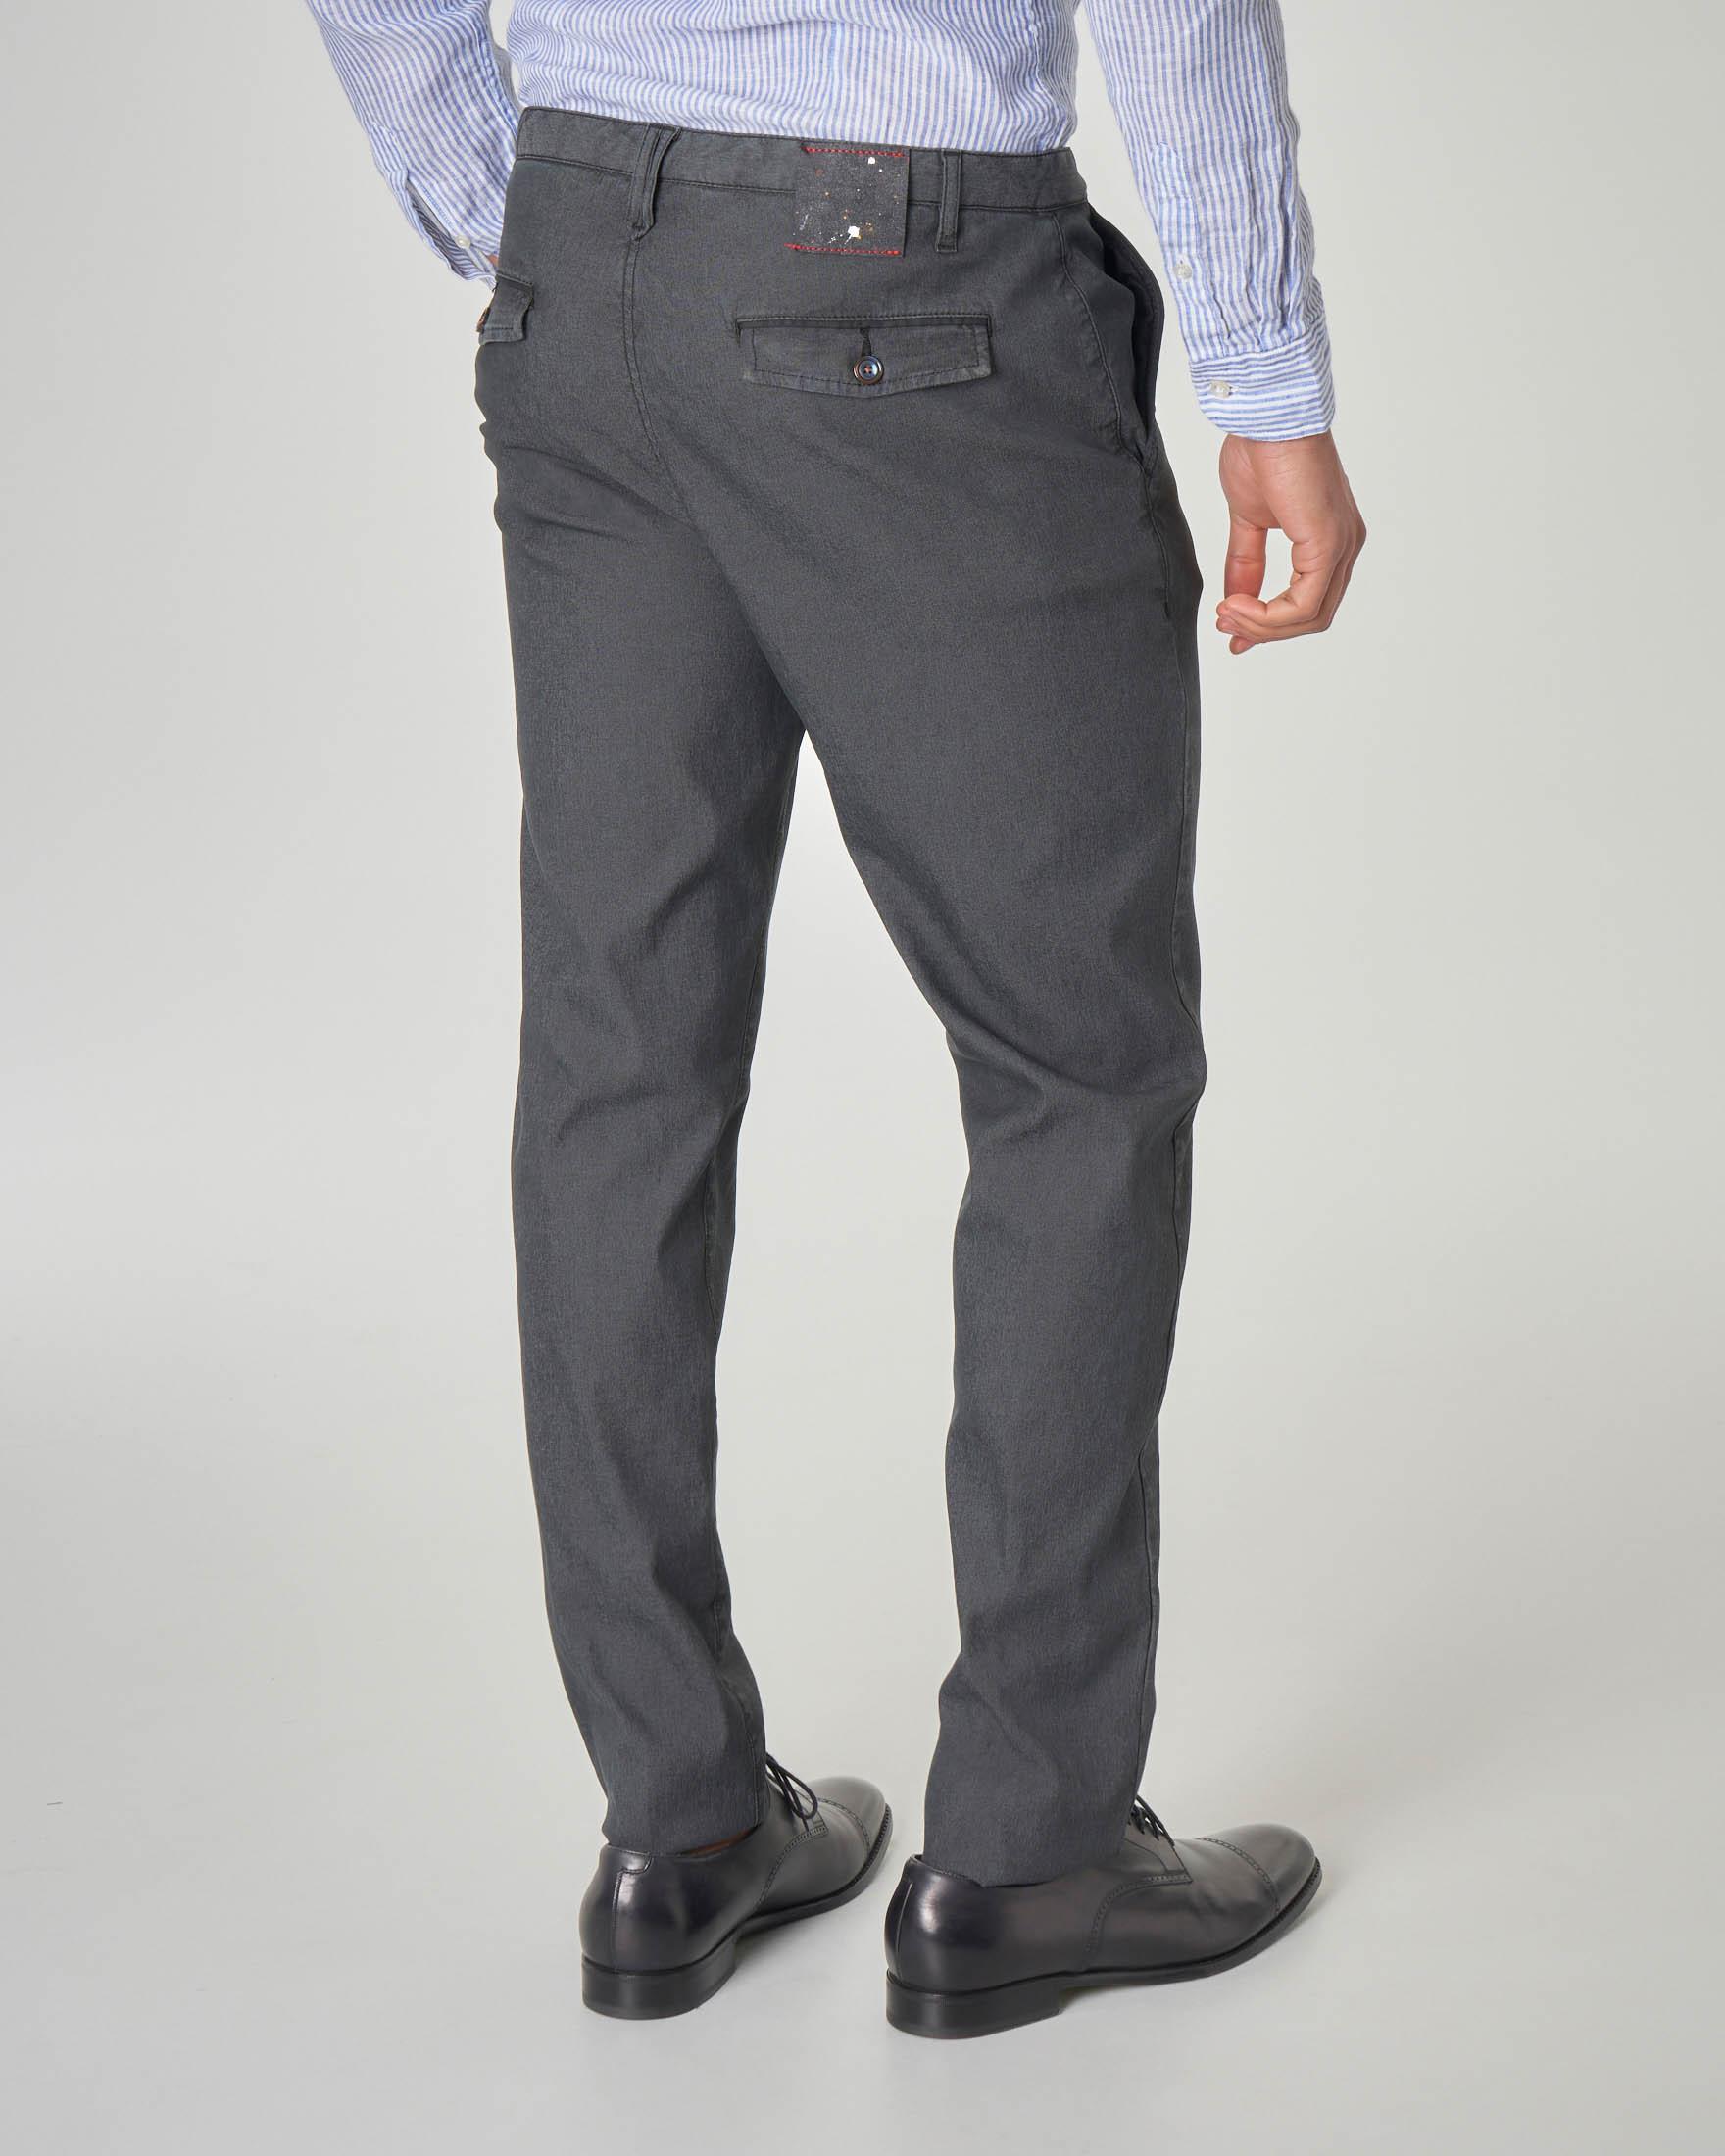 Pantalone chino grigio antracite in gabardina